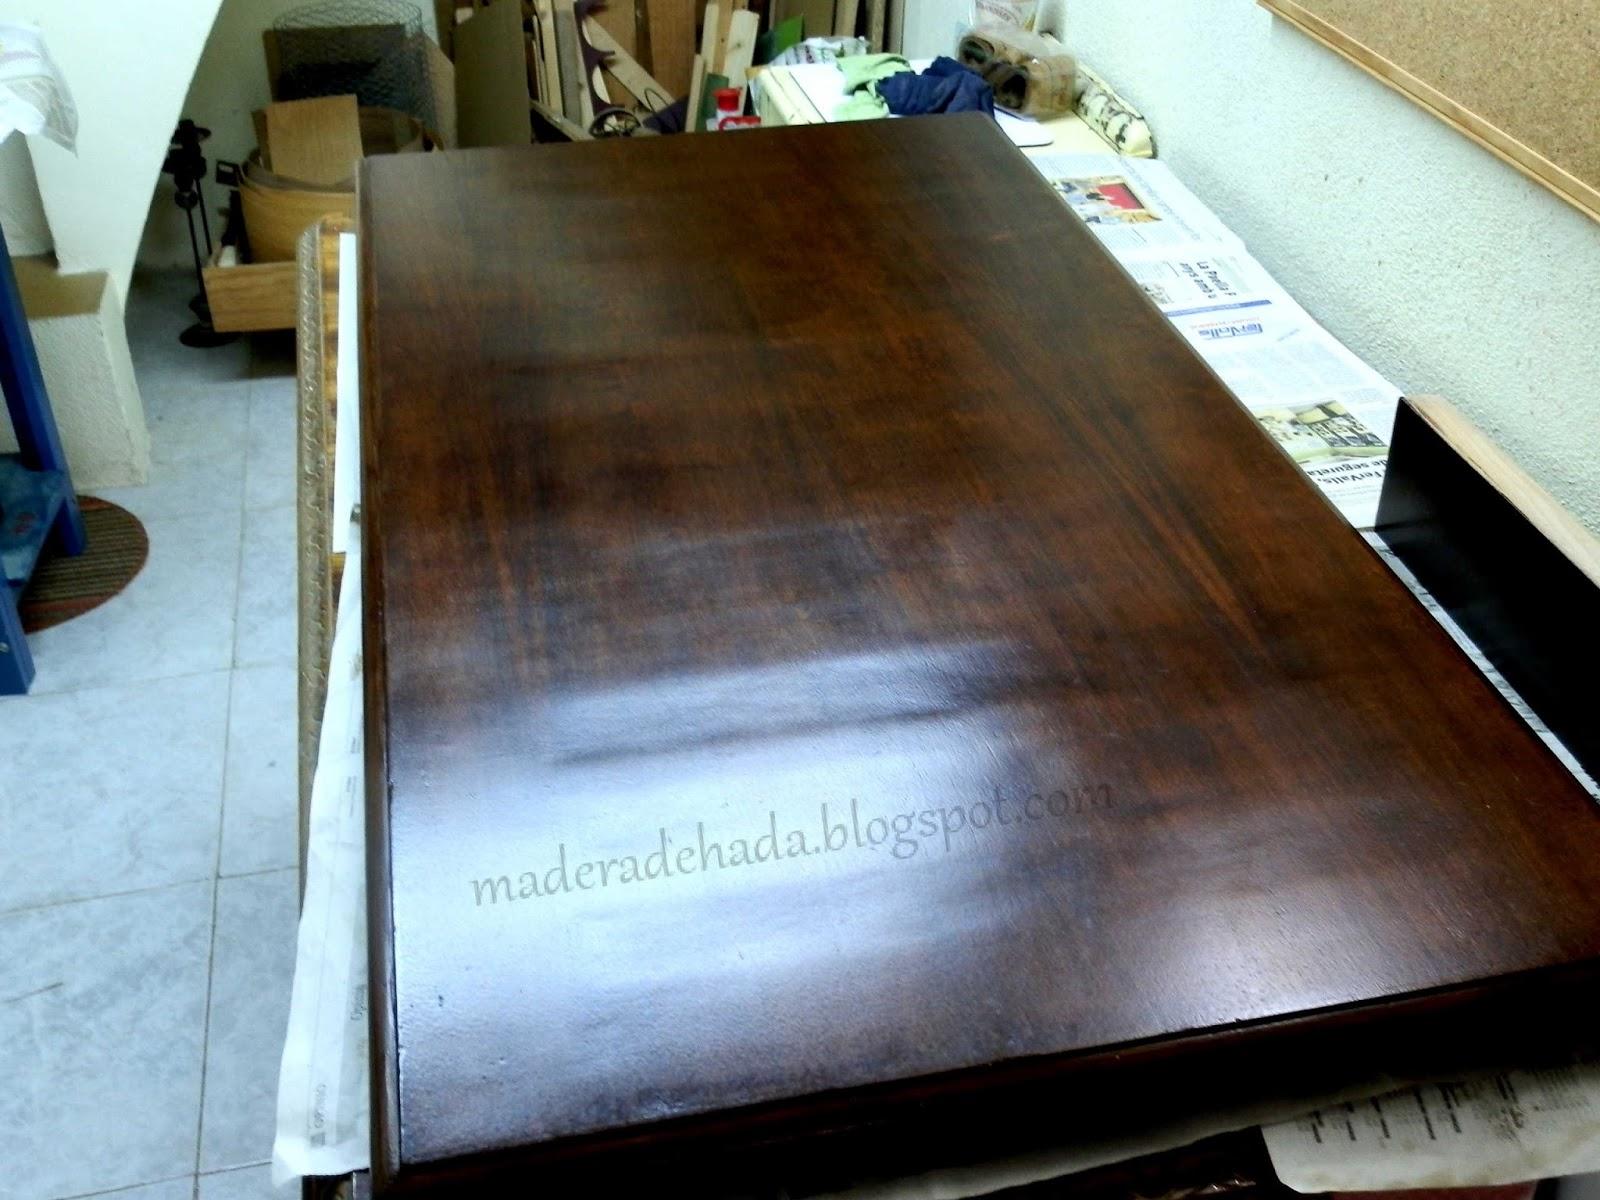 Como quitar la pintura a un mueble de madera madera de hada for Quitar pintura de madera